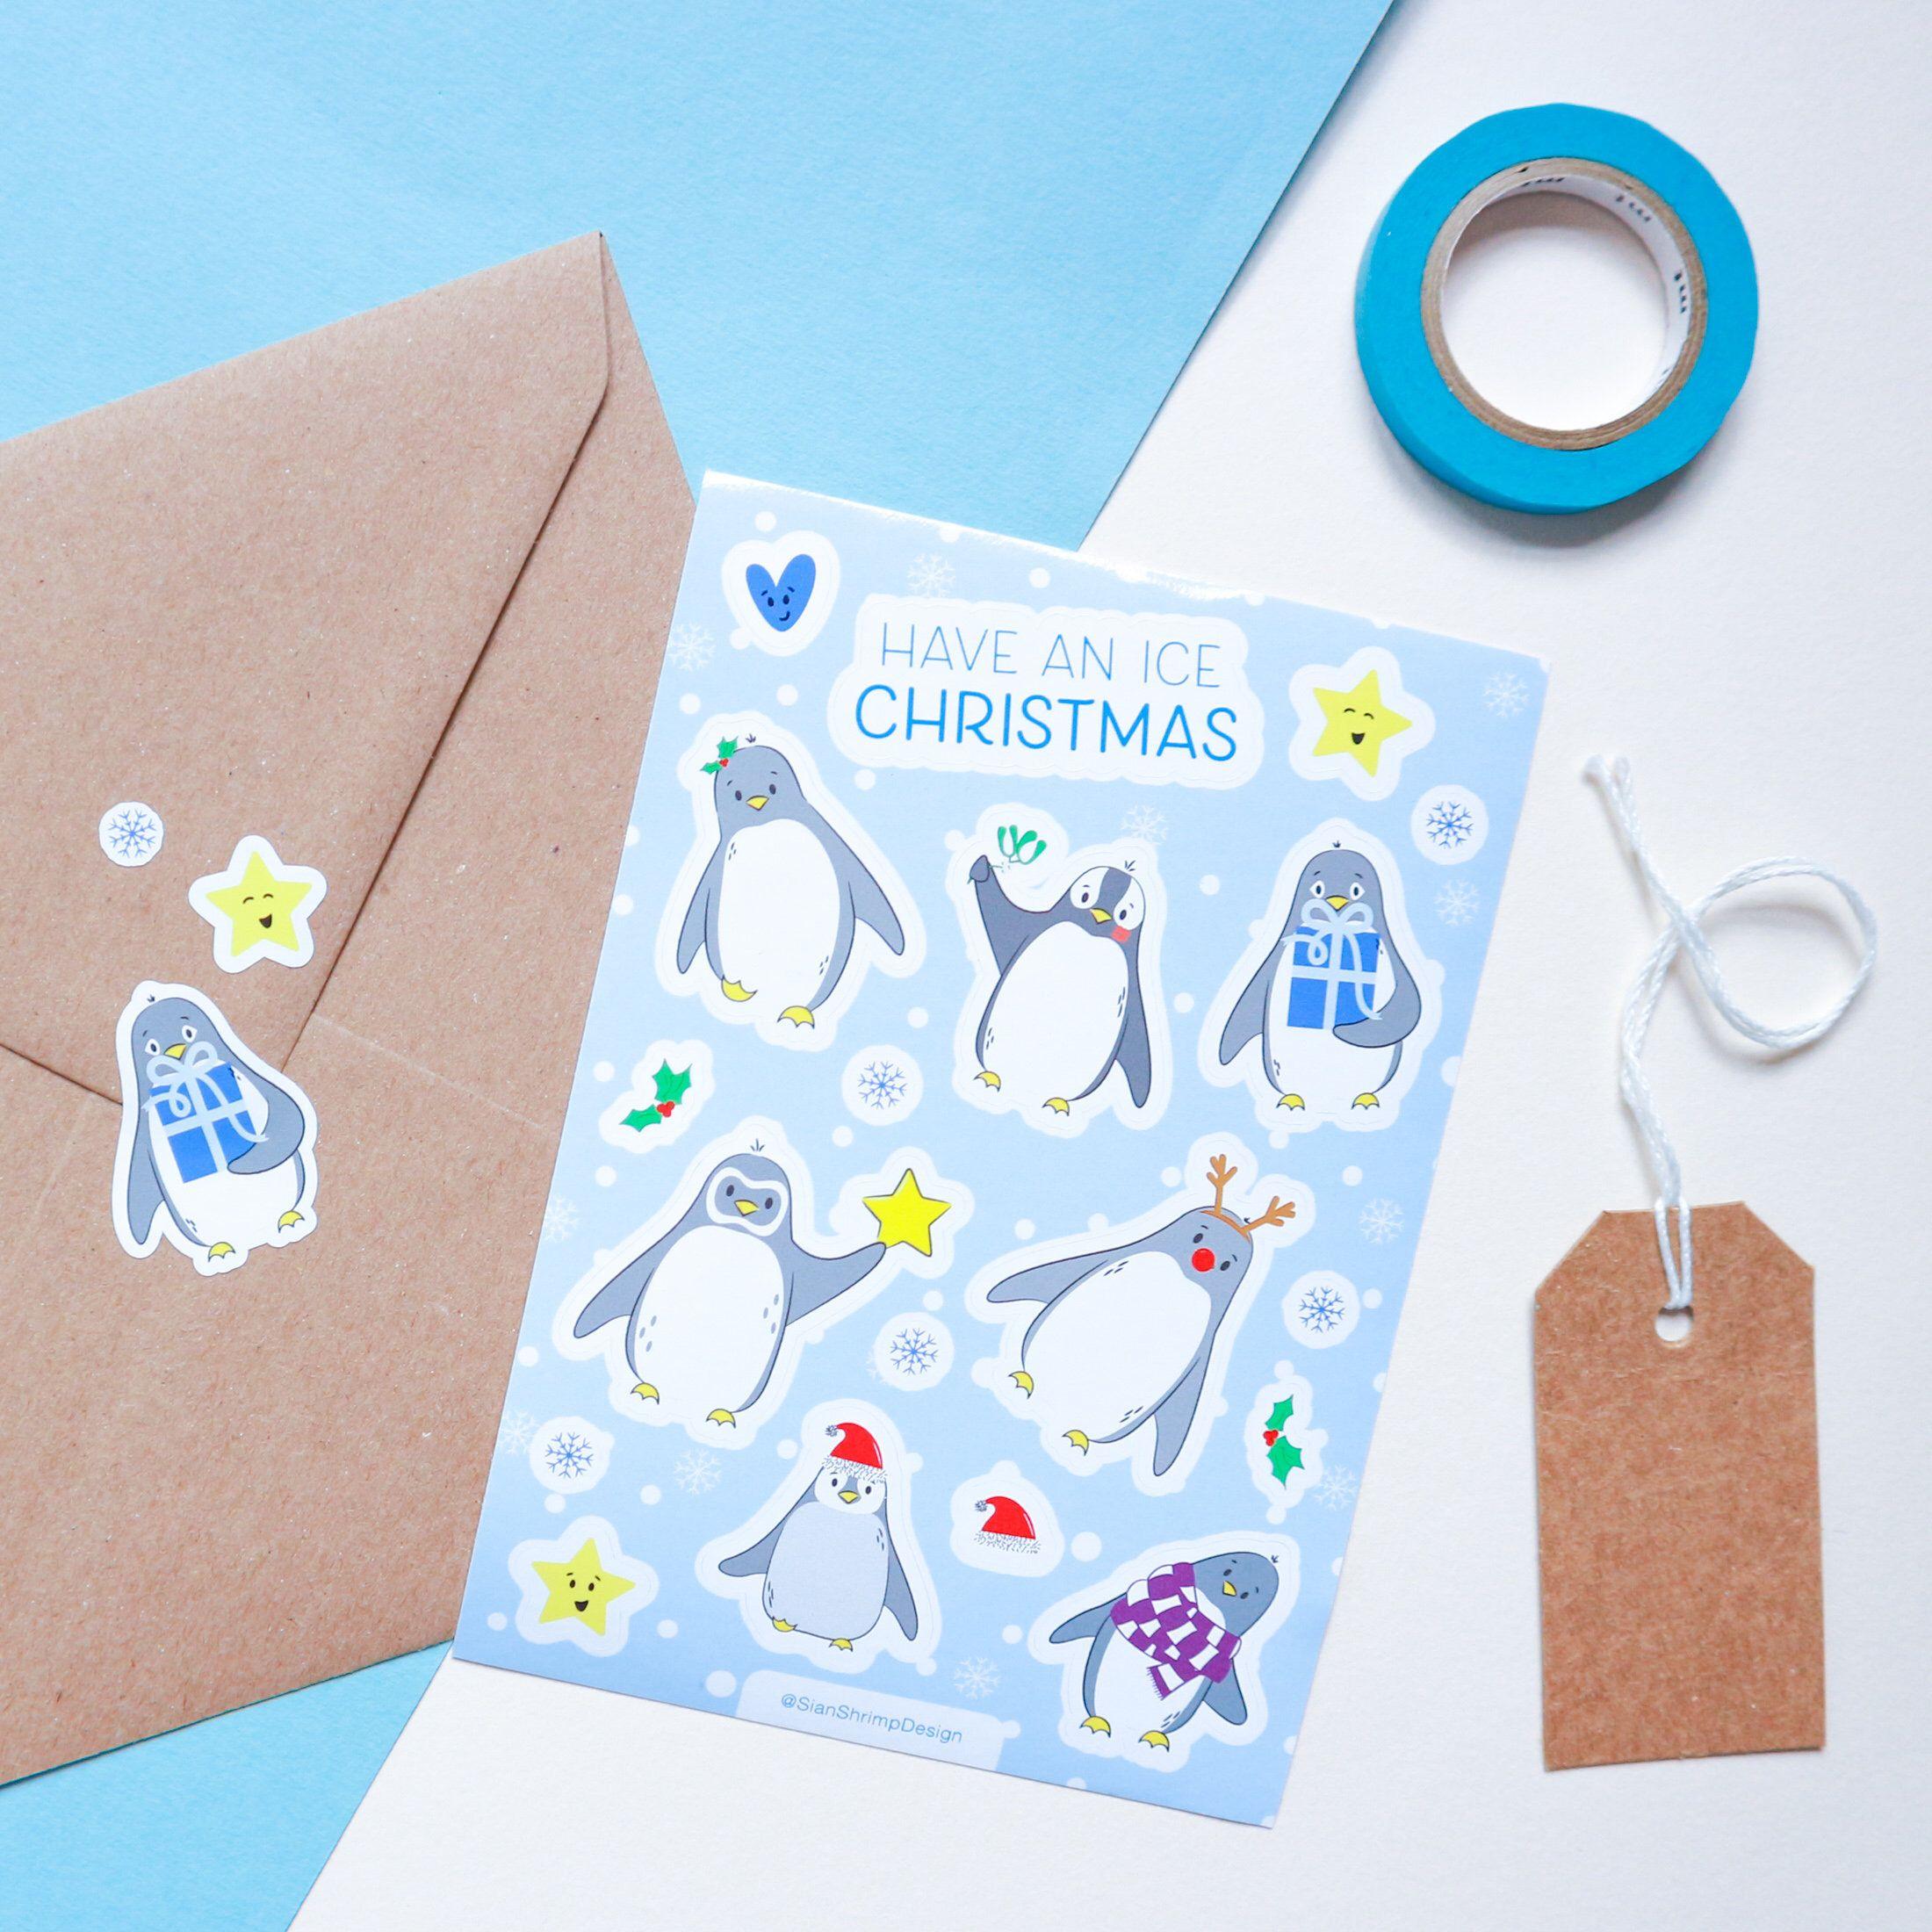 Christmas Penguin Sticker Sheet Vinyl Sticker Sheet For Bullet Journal Diary Or Scrapbook Vinyl Sticker Sheets Scrapbook Stickers